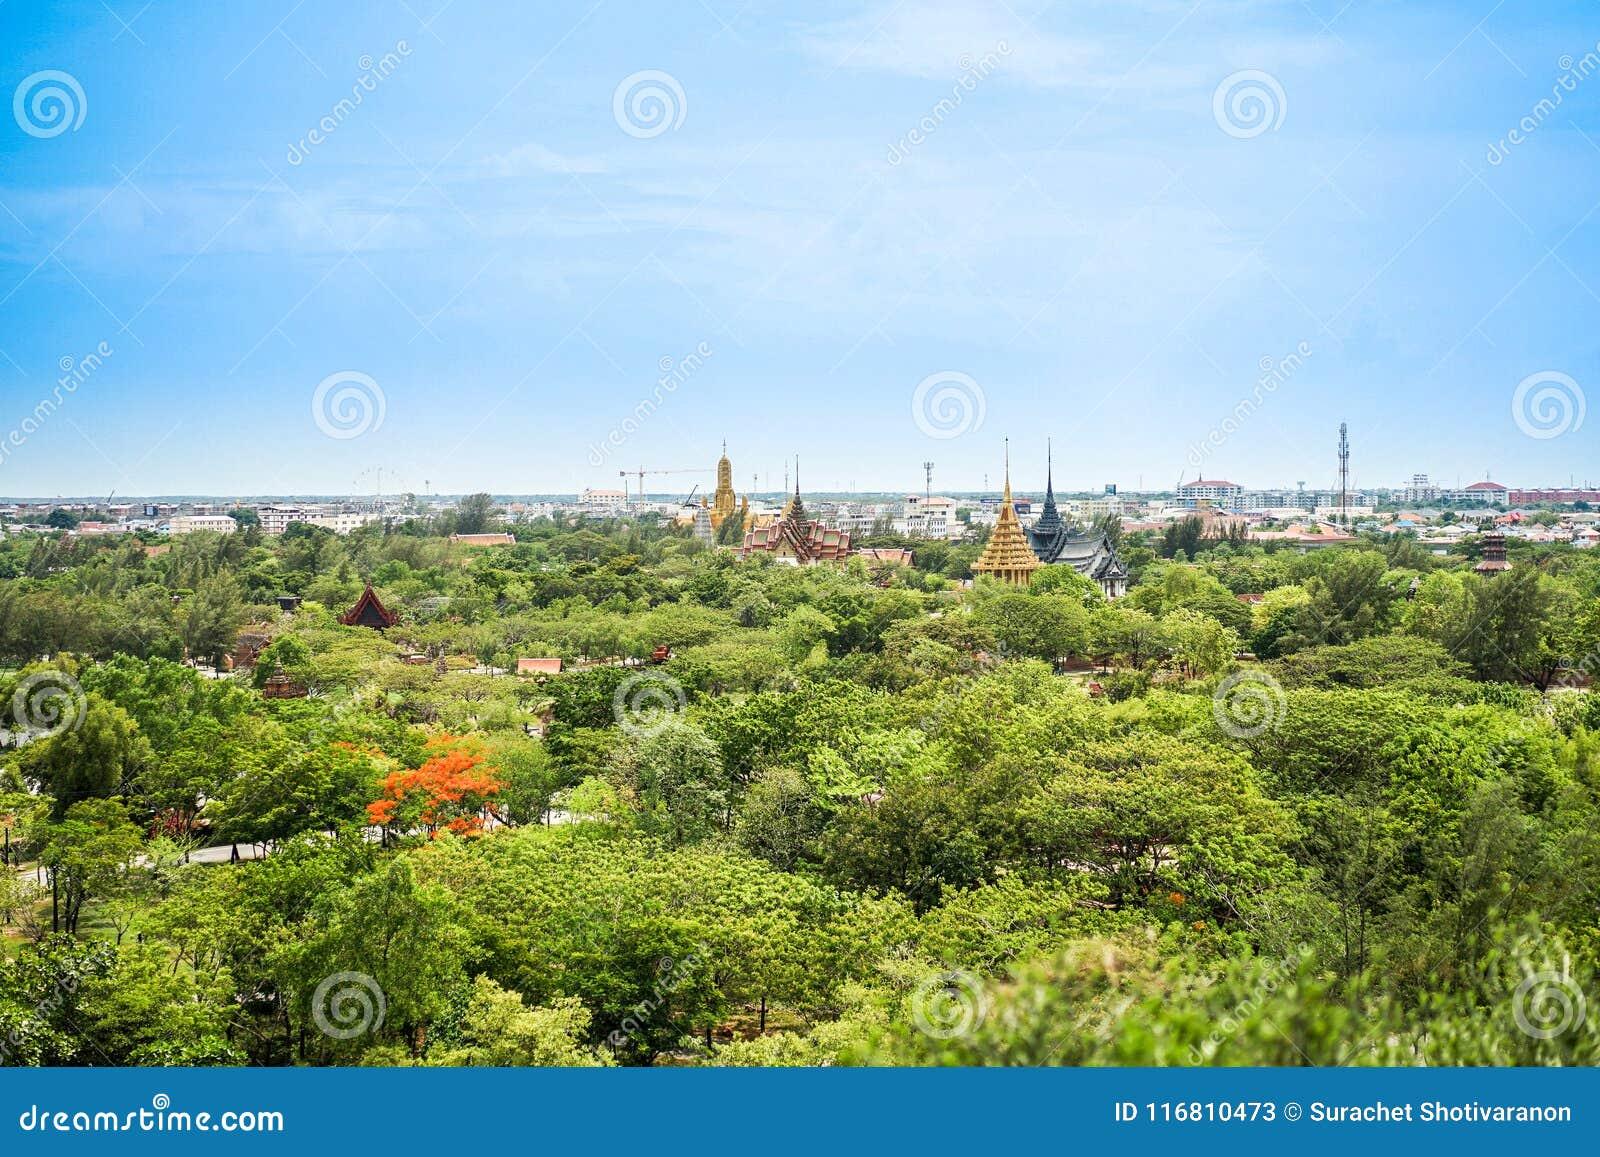 Het beeld van Thailand als in het verleden, met paviljoen en tempel in civ